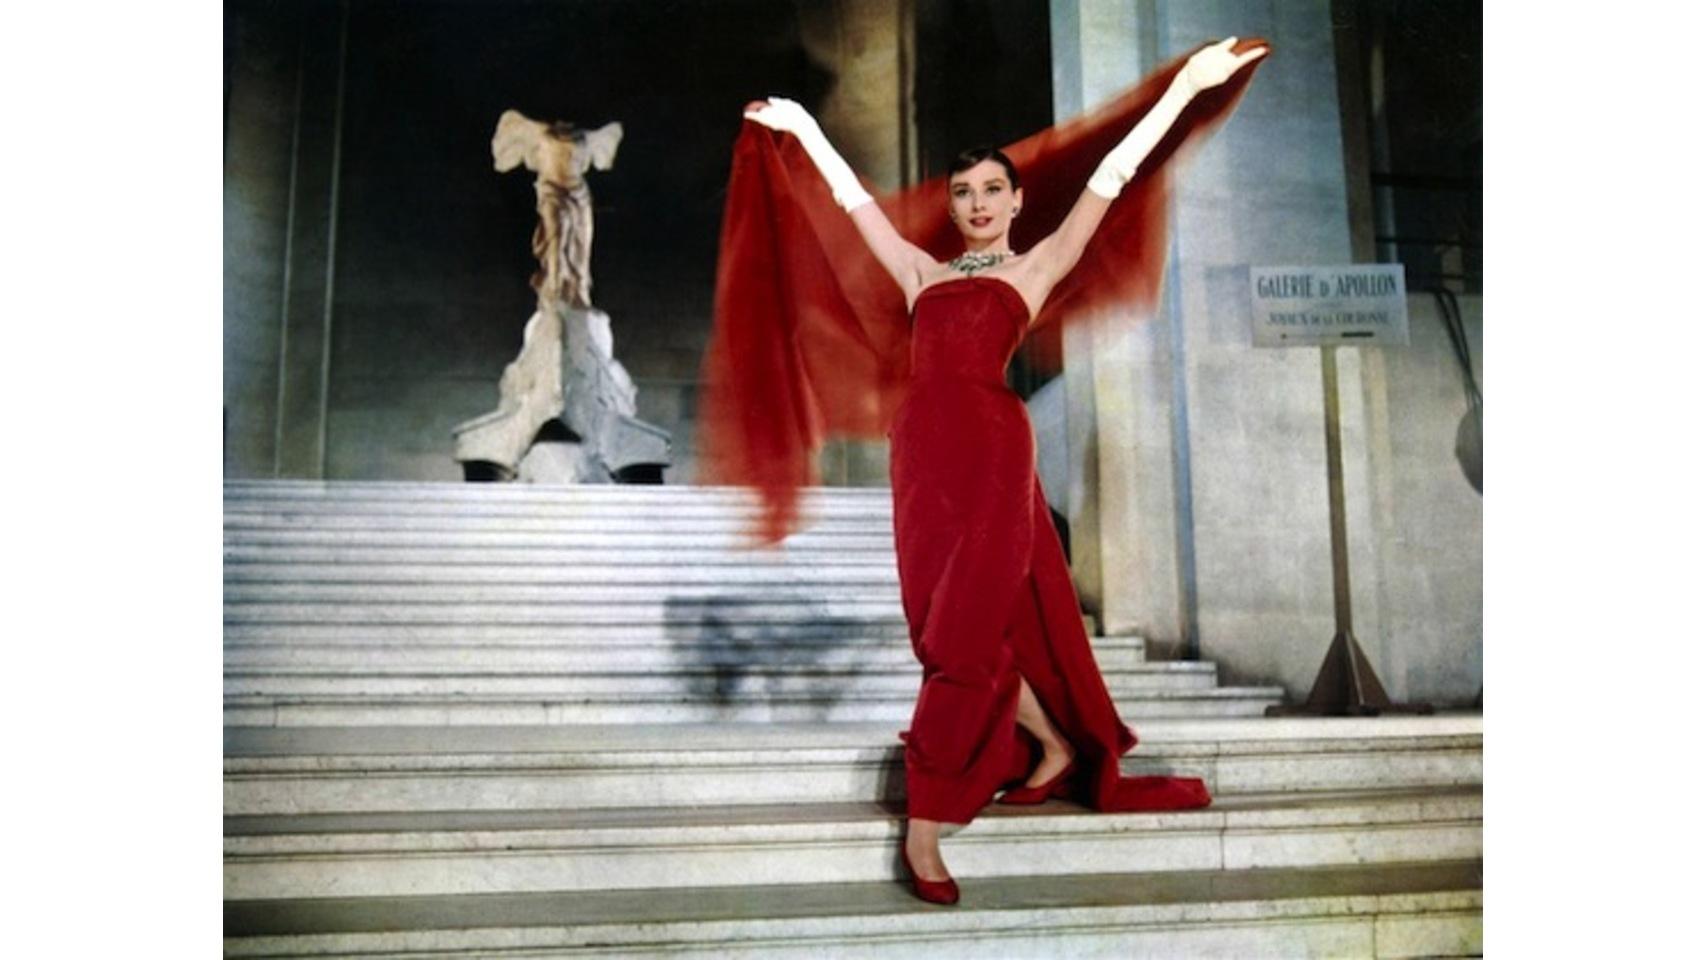 Cómo no, vestida de Givenchy. Audrey, en Una cara con ángel, de rojo, pero con unos guantes blancos.